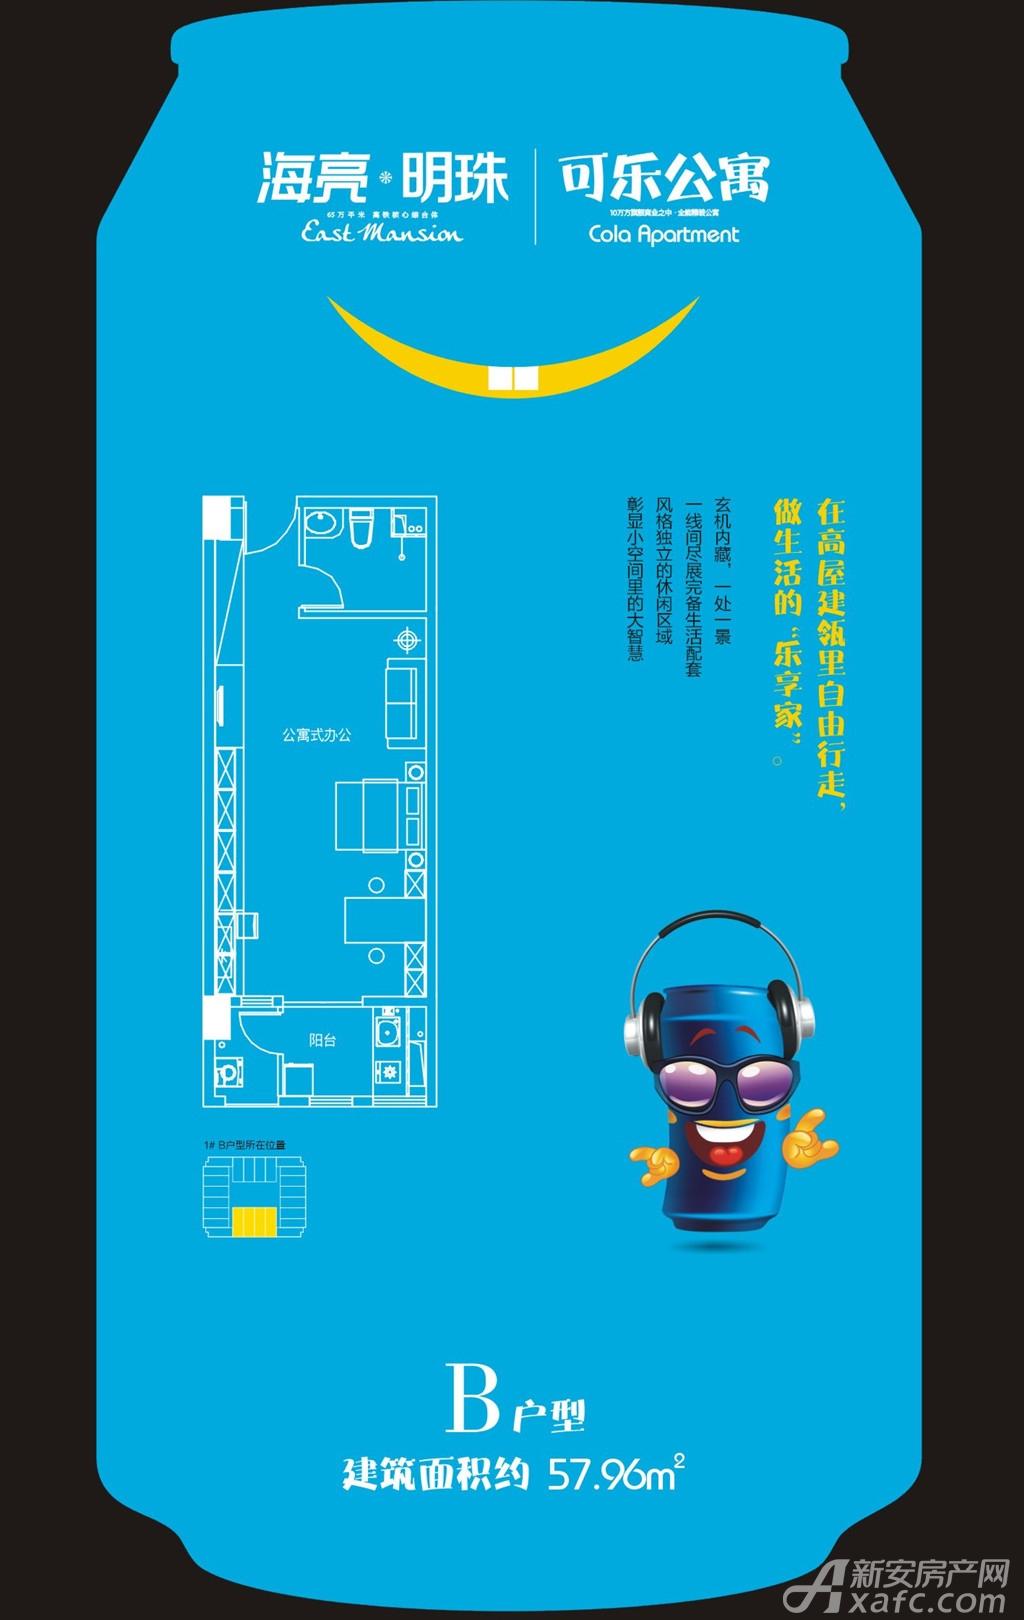 海亮明珠B(公寓)户型1室1厅57.96平米